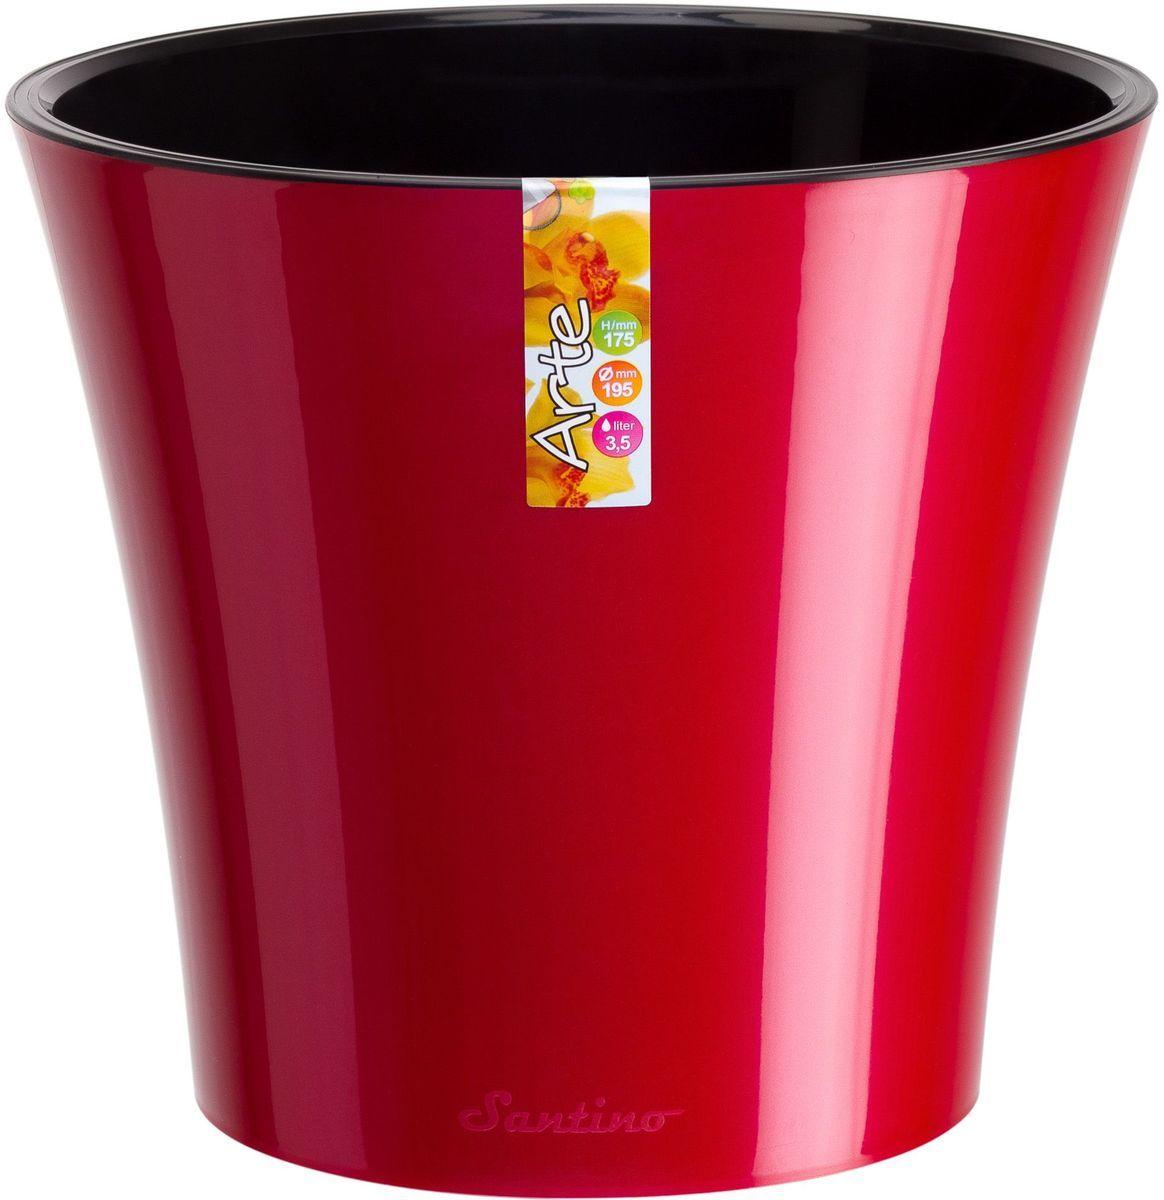 Горшок цветочный Santino Арте, двойной, с системой автополива, цвет: красный, черный, 3,5 лАРТ 3,5 К-ЧСистем автополива - гарантия здоровья ваших цветов. Экономия времени - решение для самых занятых. Чистота и удобство - нет протекания воды при поливе. Здоровые корини - нет застаивания корней в воде. Оптимальный рост - корни обеспечены циркуляцией воздуха.